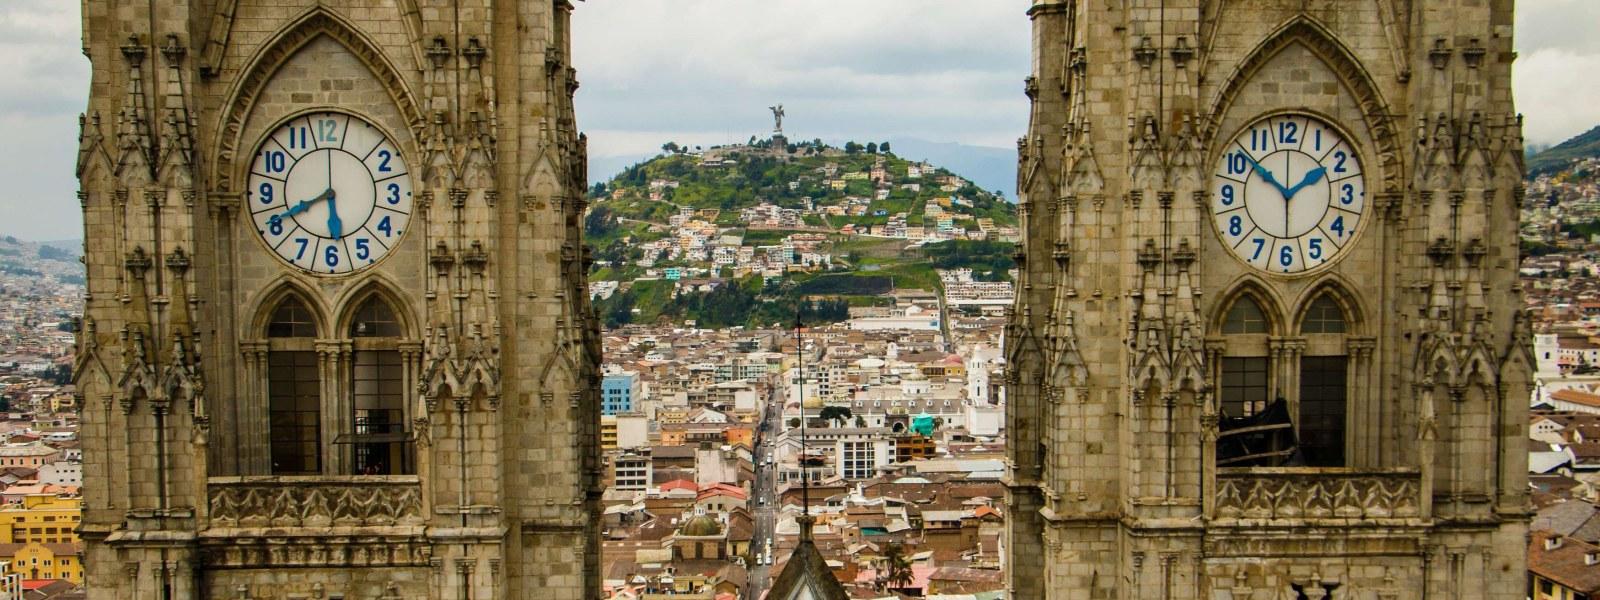 Quito-Tour-Guide